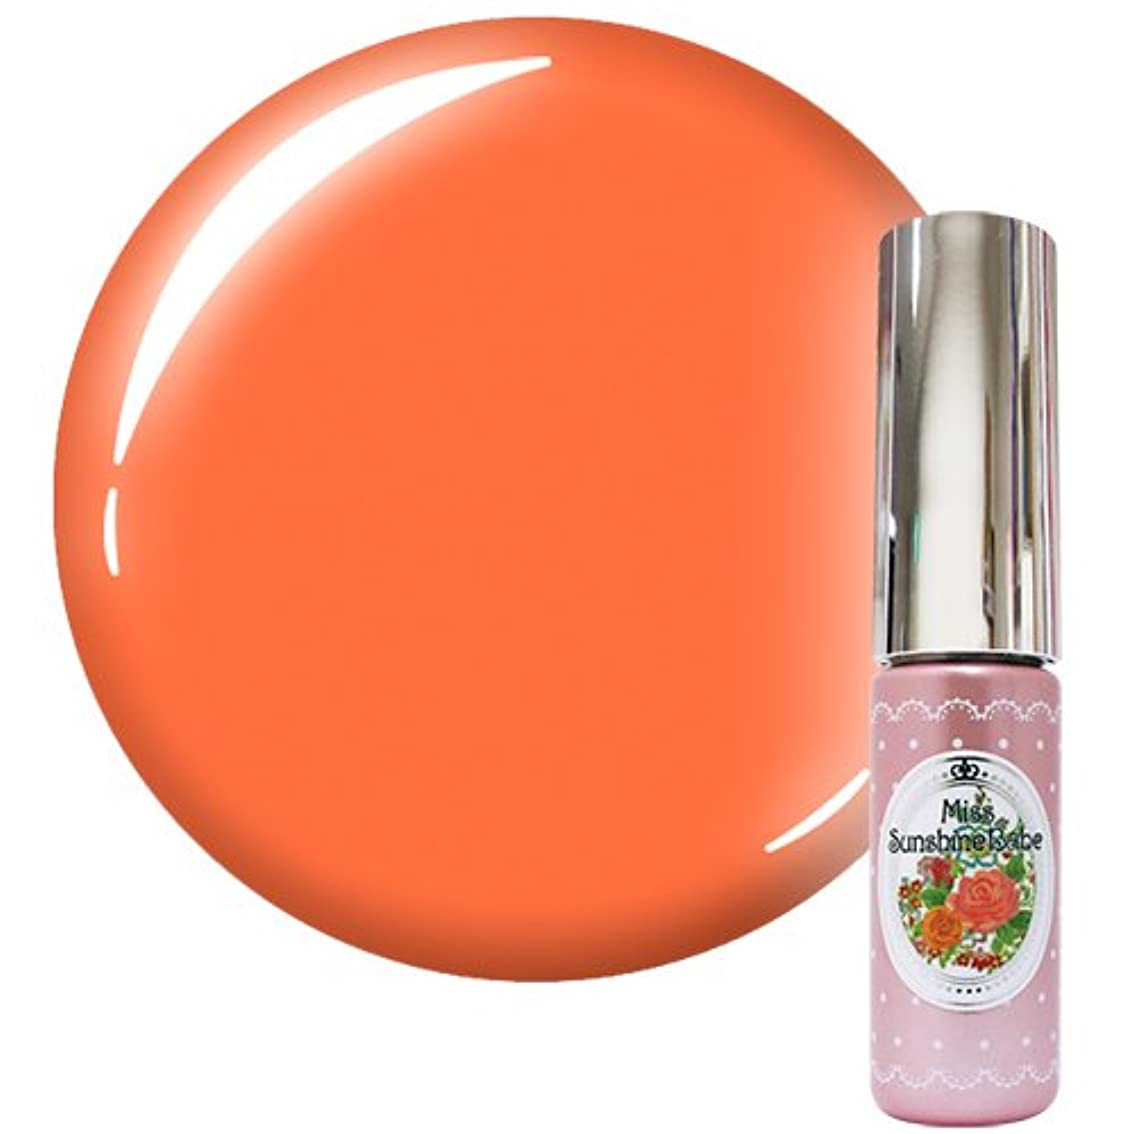 溶融クラブお手伝いさんMiss SunshineBabe ミス サンシャインベビー カラージェル MC-33 5g サマーパステルオレンジ